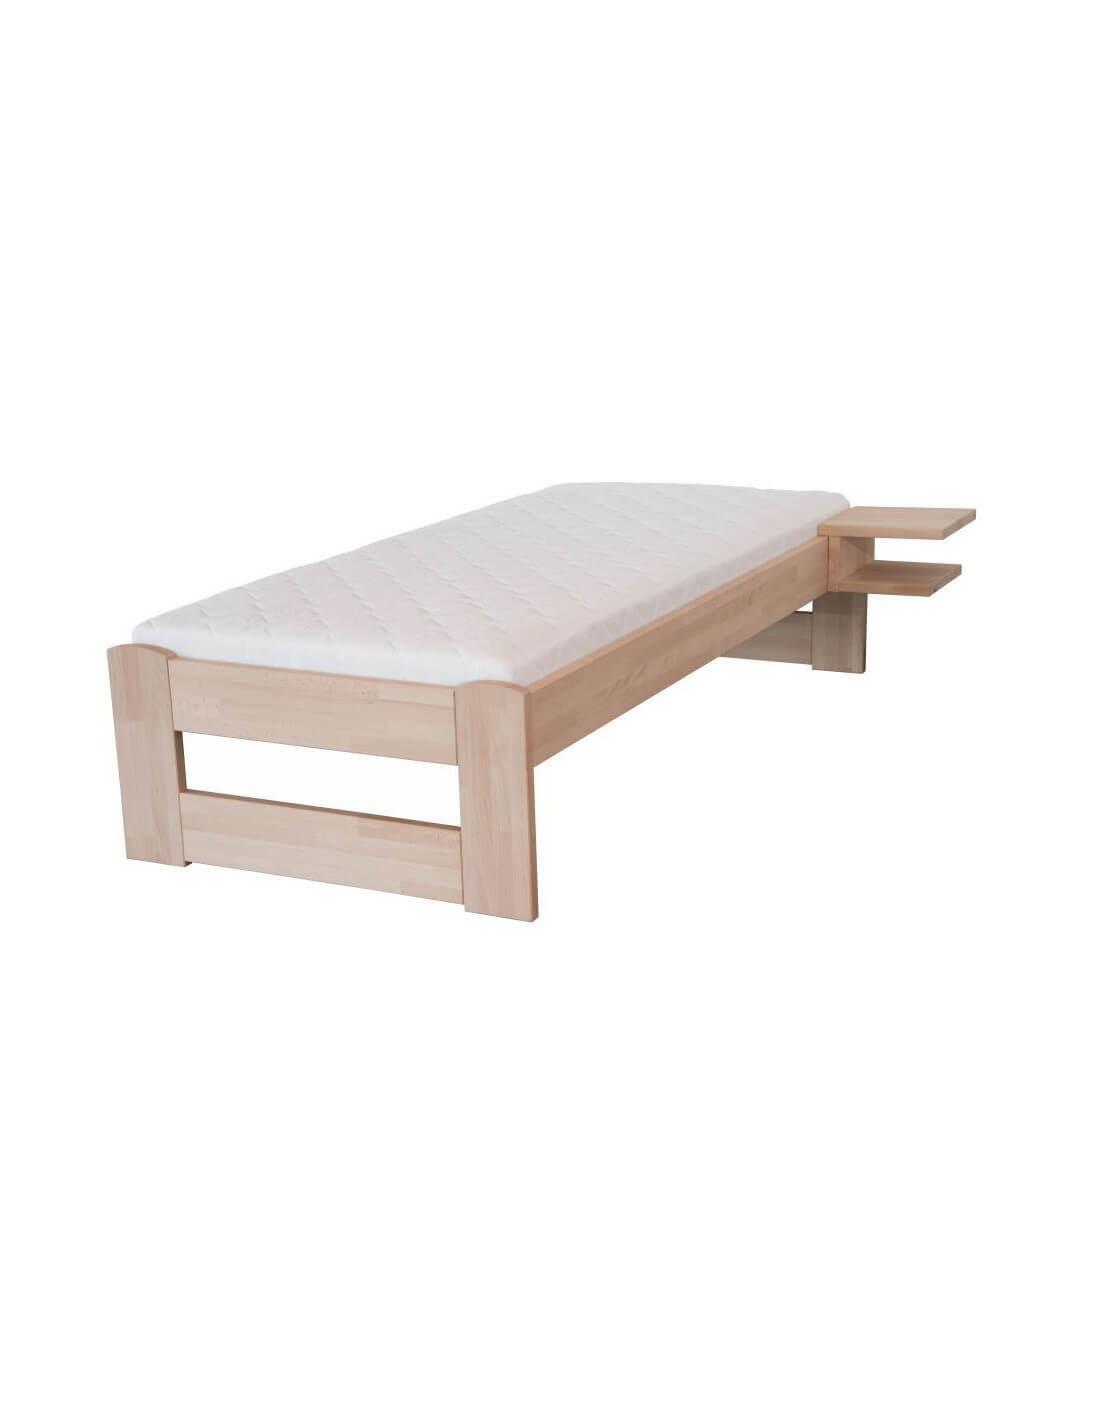 Posteľ NAPOLI Rozmer - postelí, roštov, nábytku: 80 x 200 cm